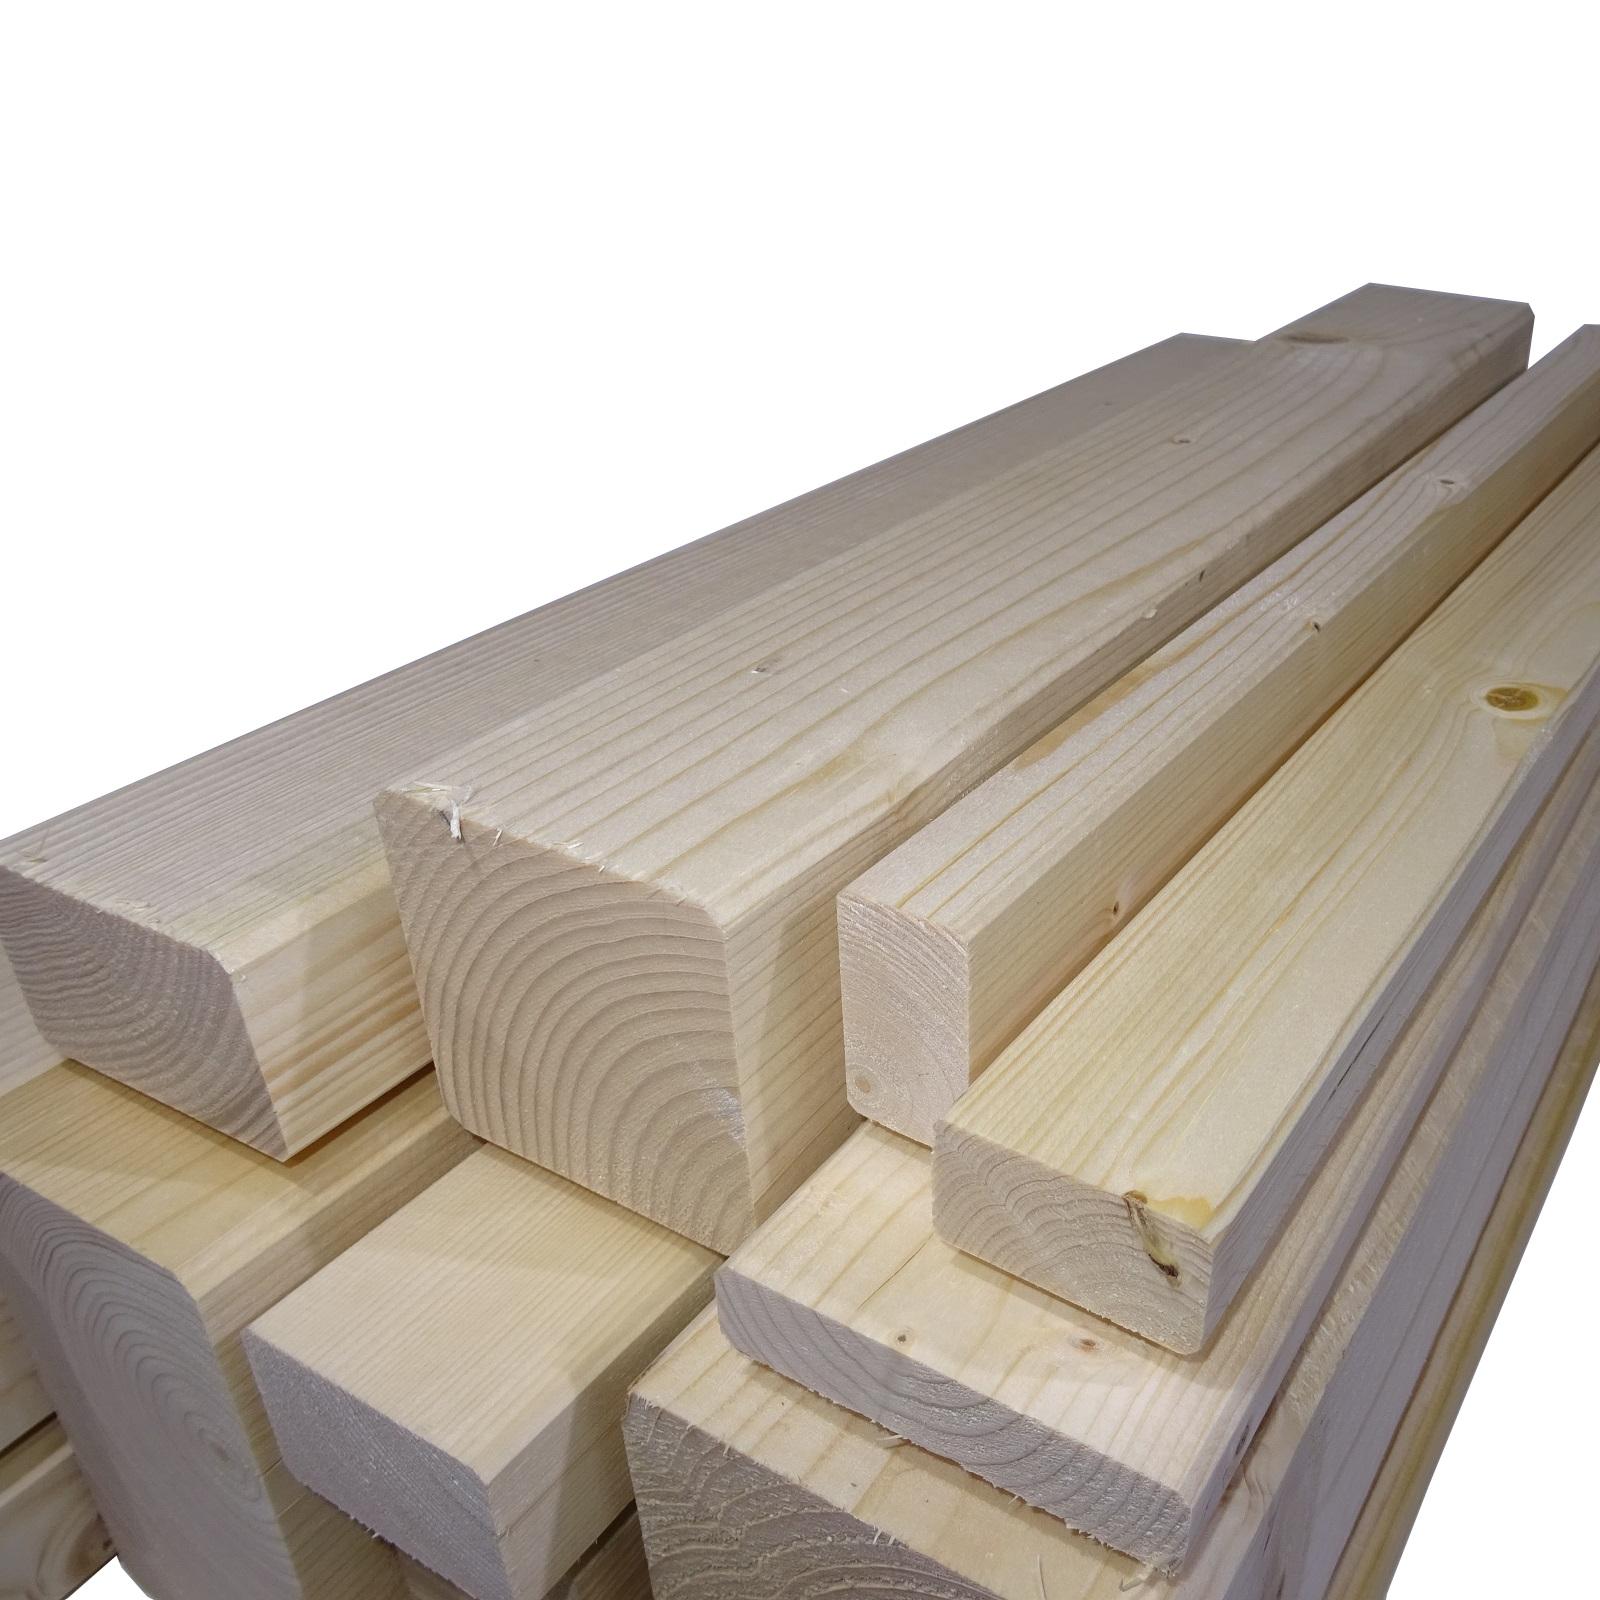 1 Stück Rahmenholz Fichte H//B//L 28mm x 28mm x 2000mm Holz Leisten zum Basteln